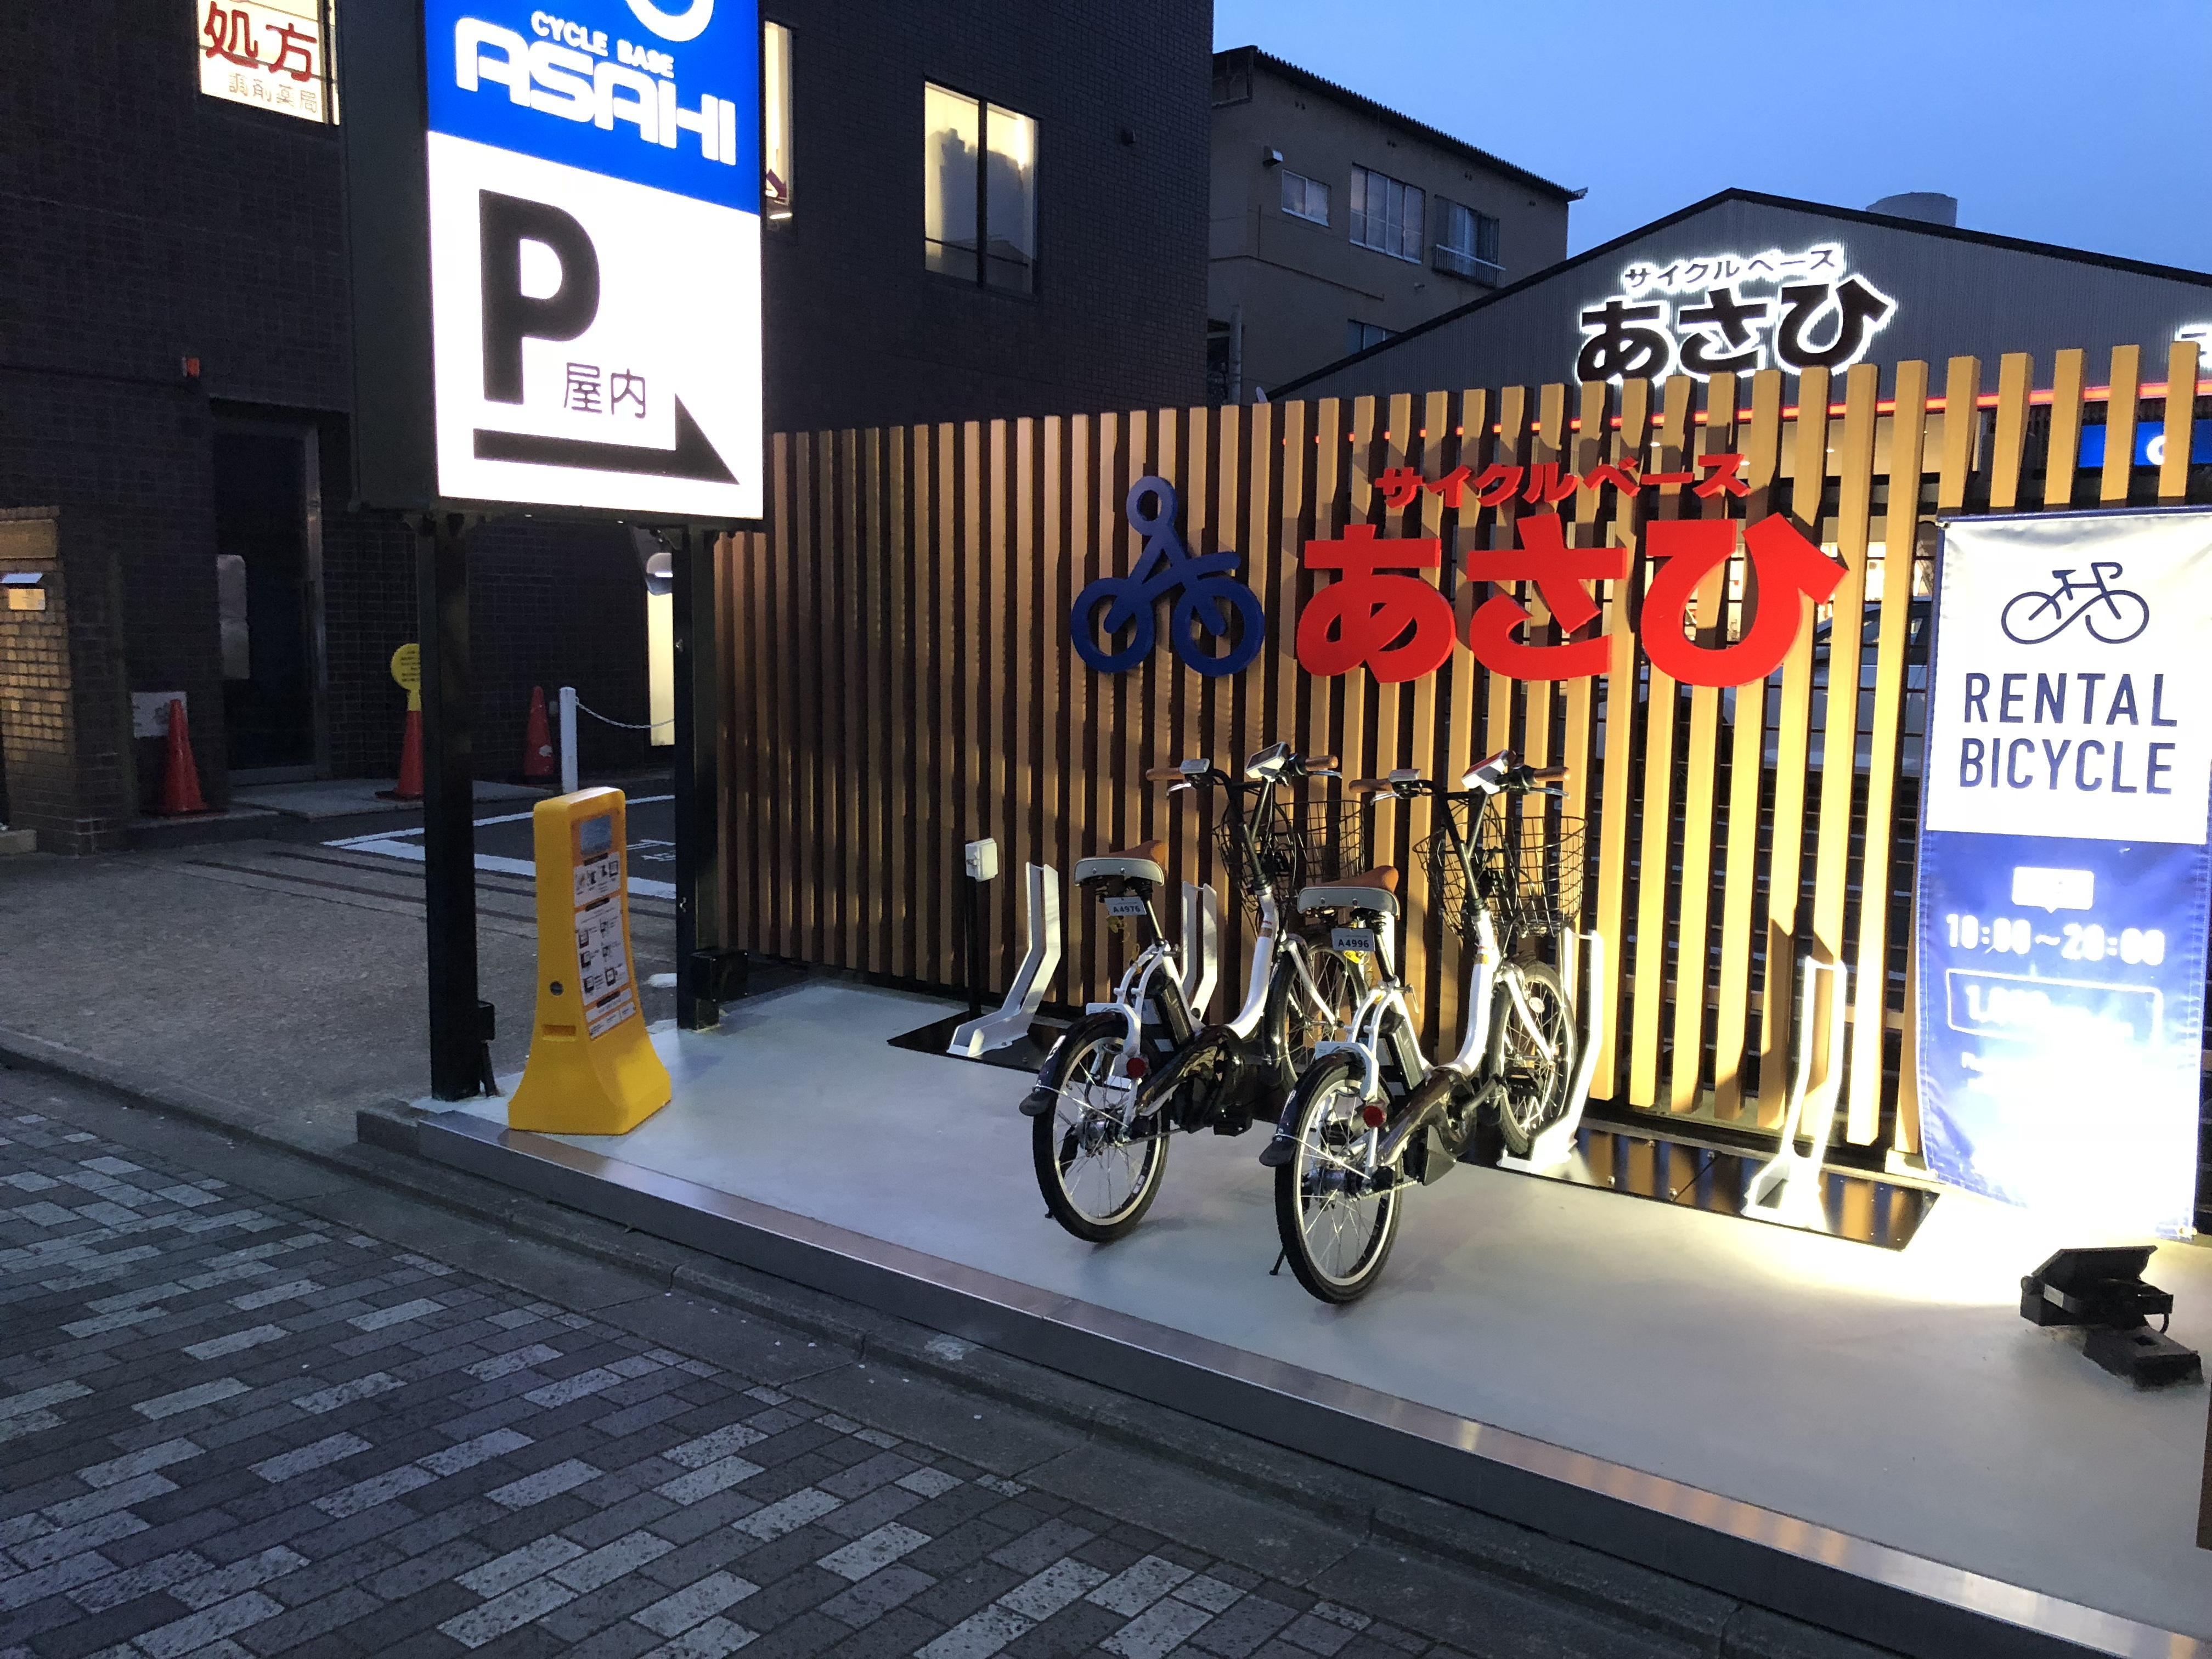 サイクルベースあさひ二条店 (HELLO CYCLING ポート) image